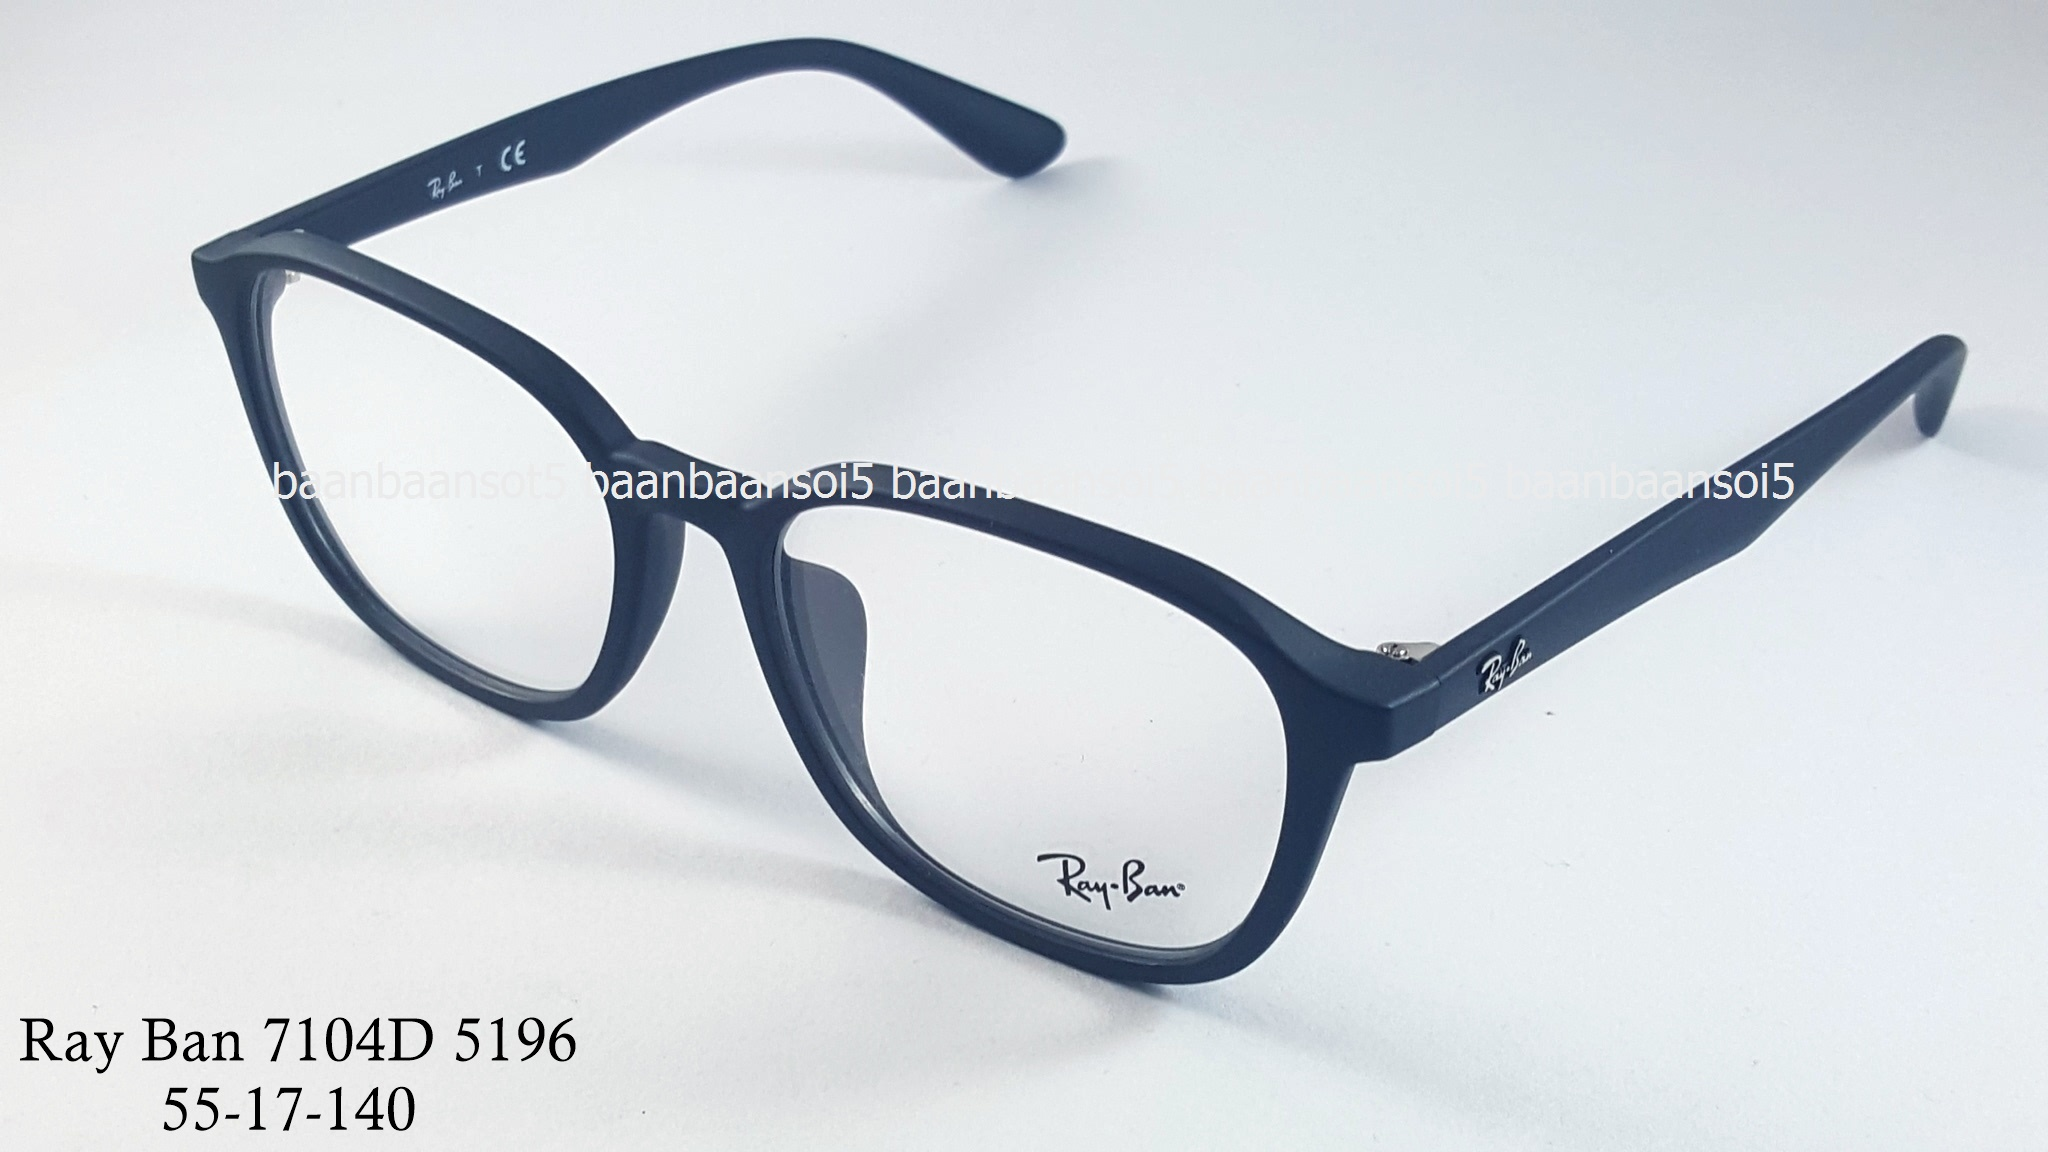 Rayban RX 7104D 5196 โปรโมชั่น กรอบแว่นตาพร้อมเลนส์ HOYA ราคา 2,900 บาท